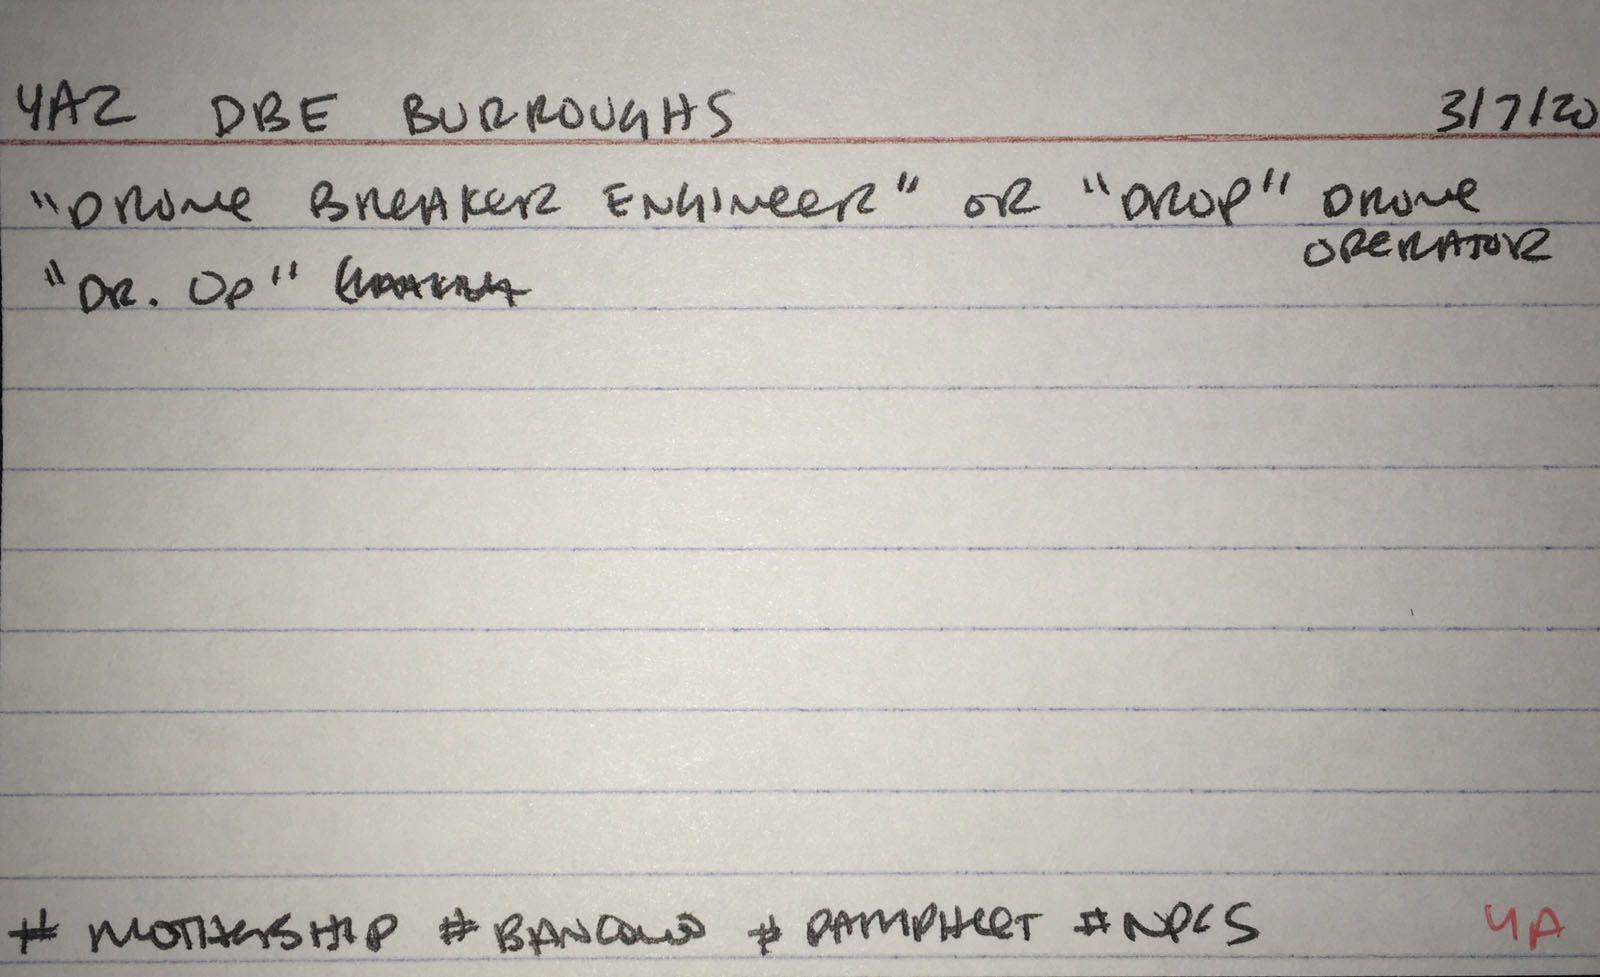 4a2 DBE Burroughs